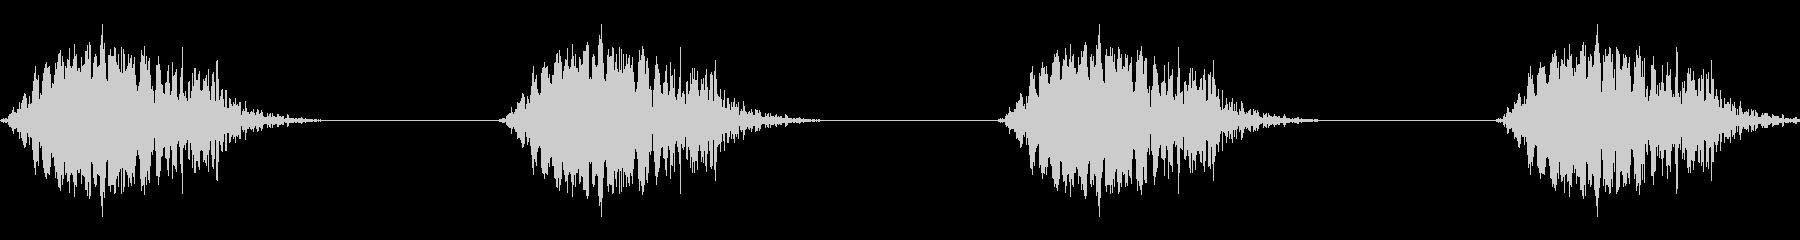 ブラックレイヴン:フォーコールズ、...の未再生の波形